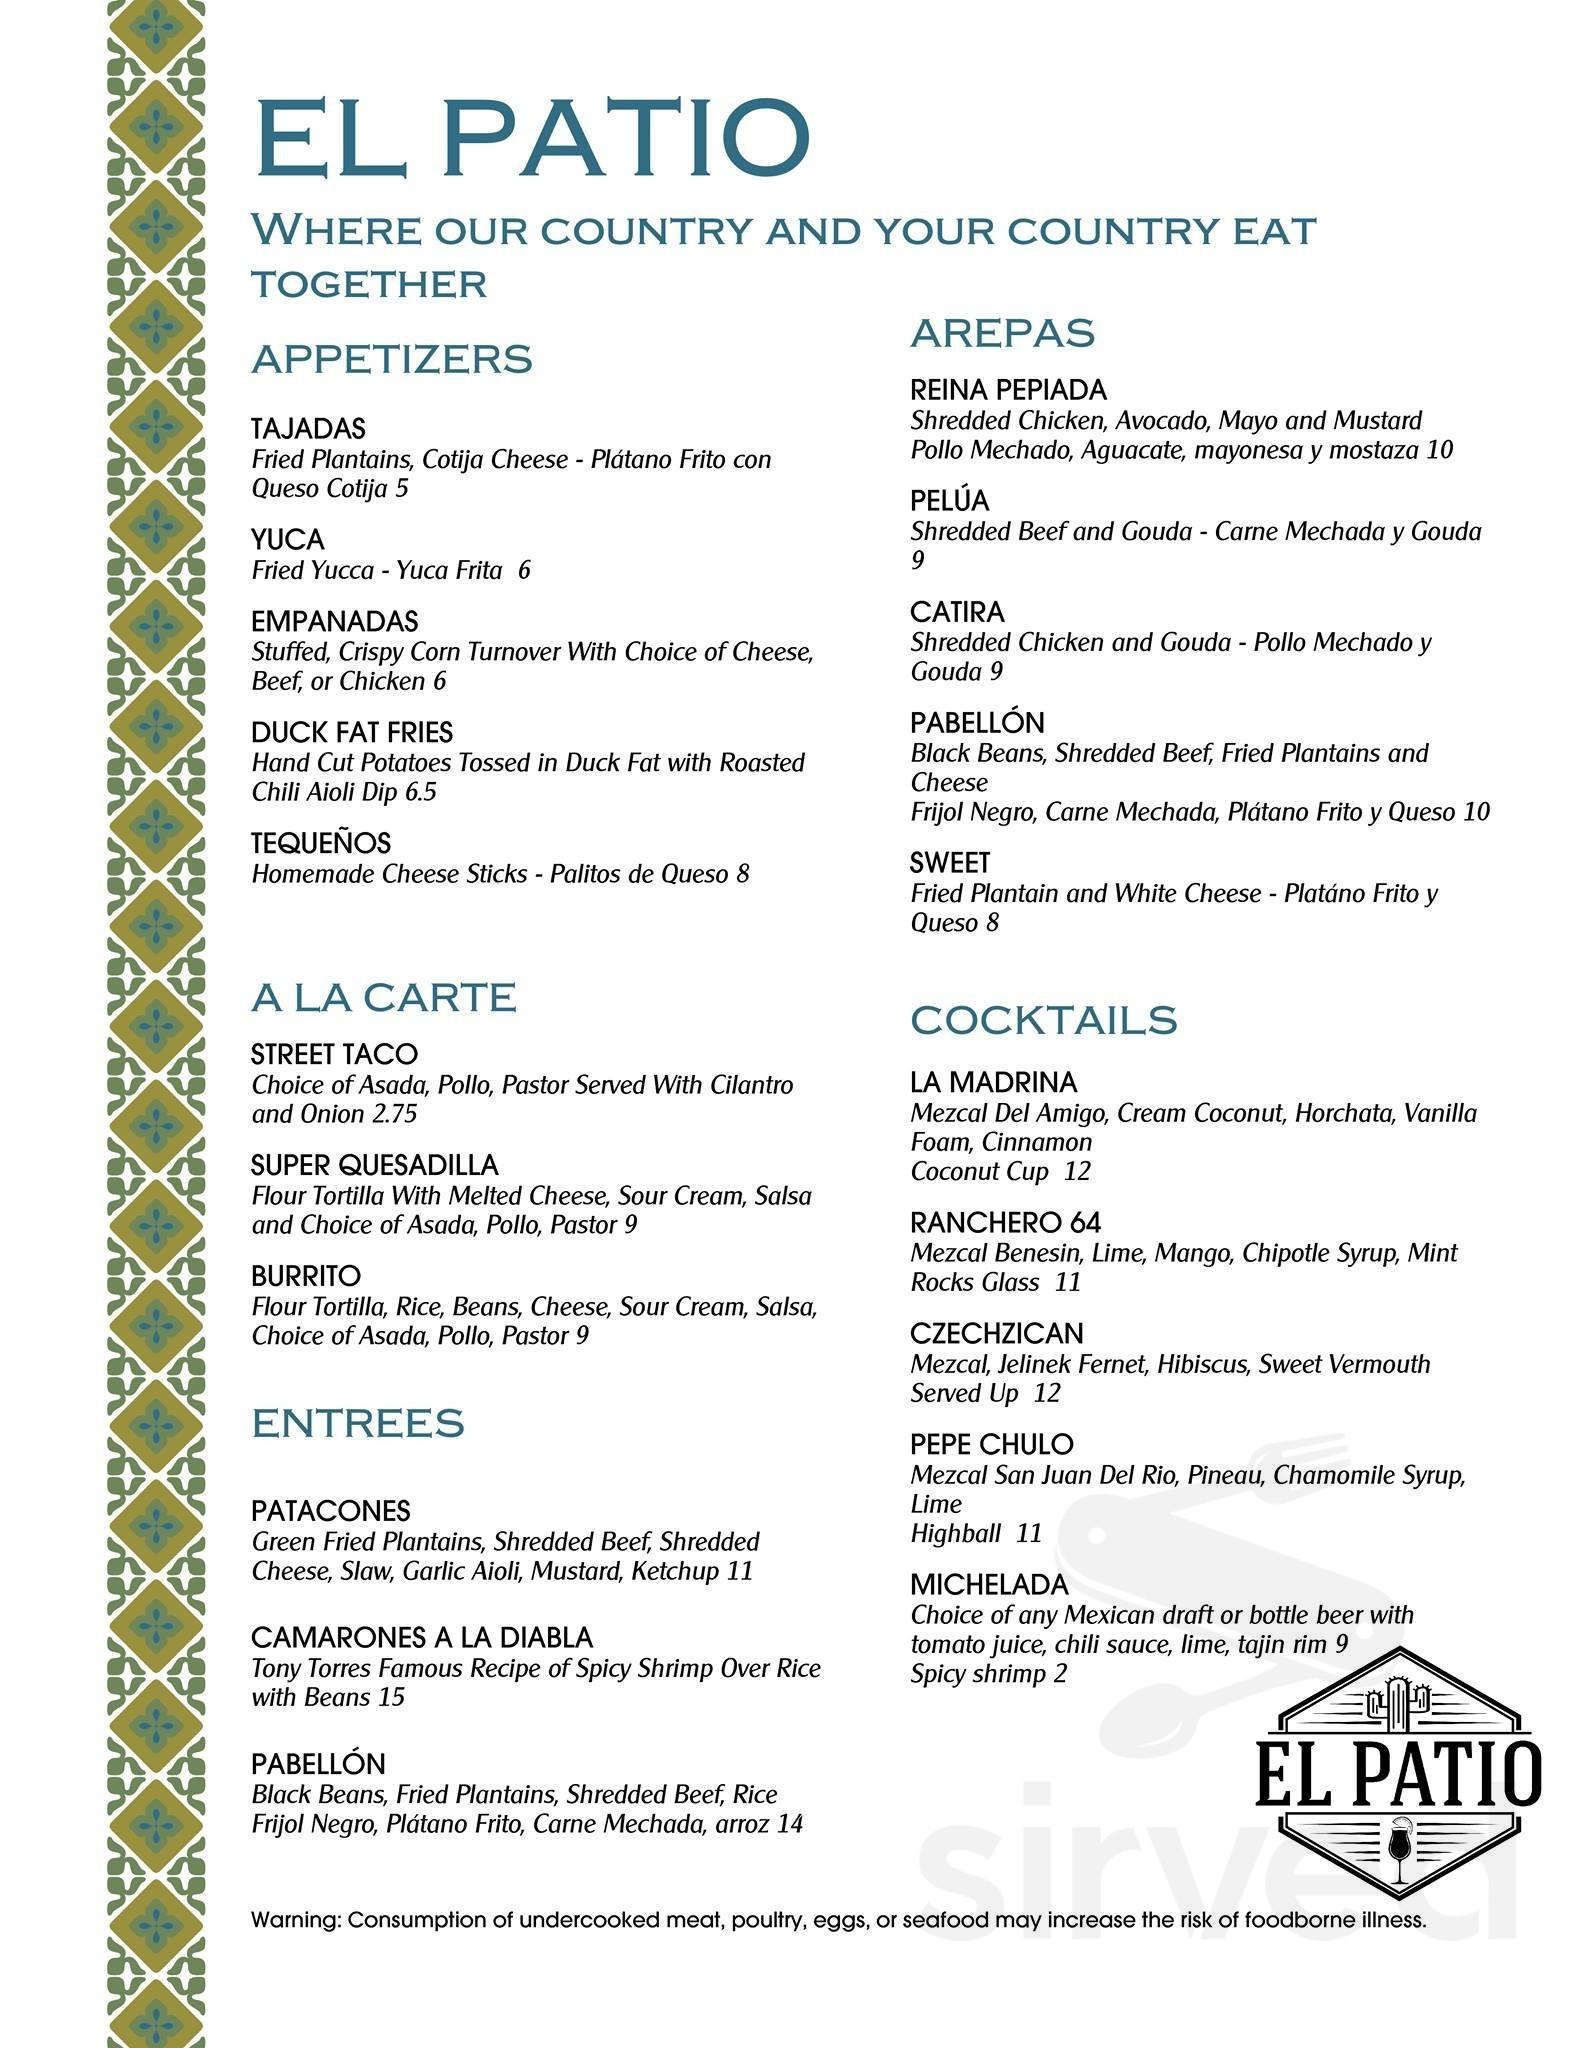 el patio menu in berkeley california usa